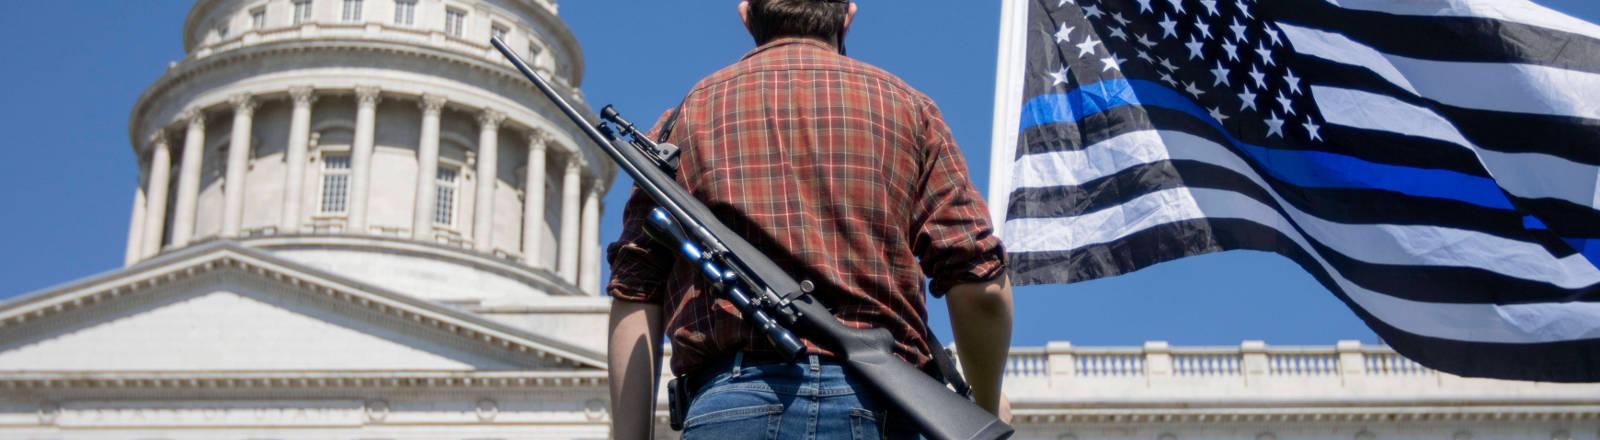 Ein Mann mit einem Gewehr auf dem Rücken vor dem Weißen Haus